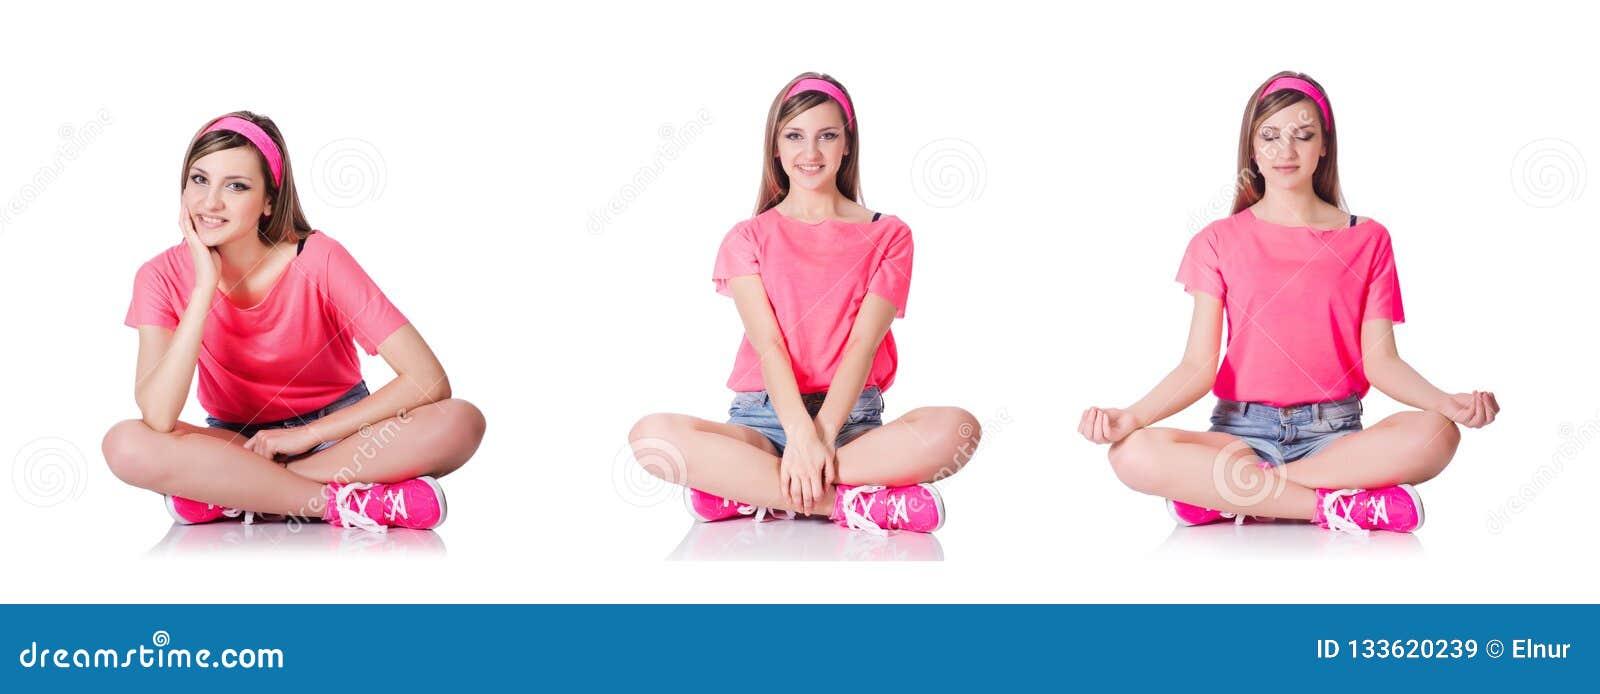 La mujer joven que hace ejercicios en blanco